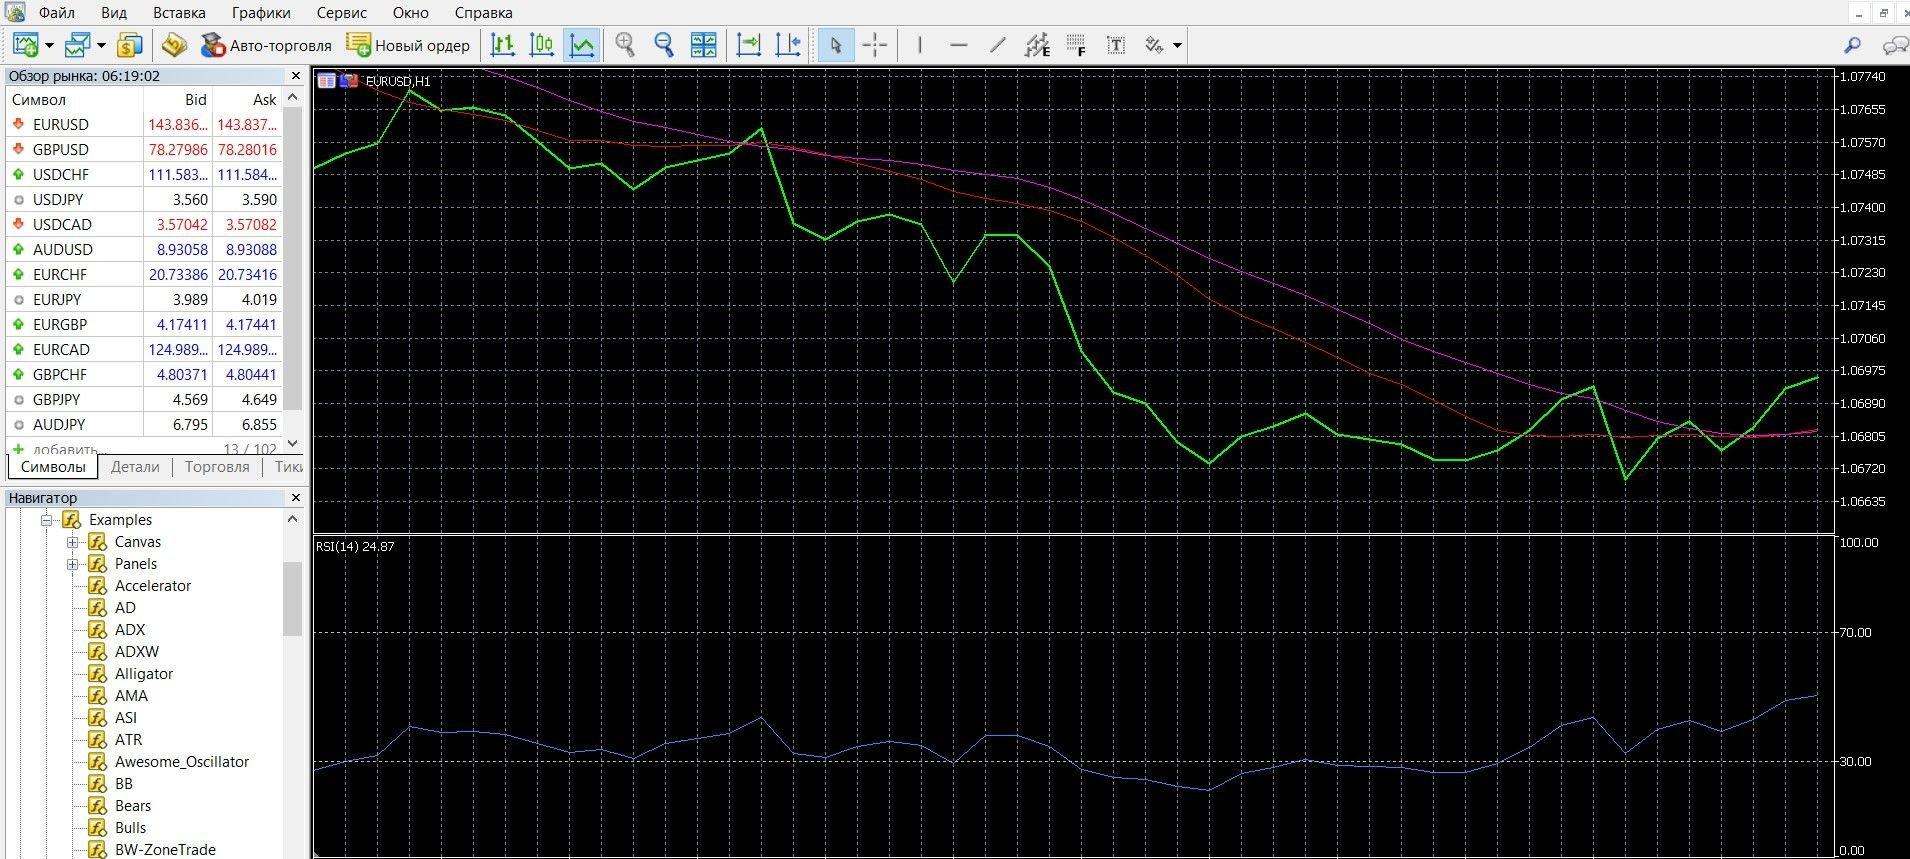 Индикатор RSI добавлен на график, вы можете работать